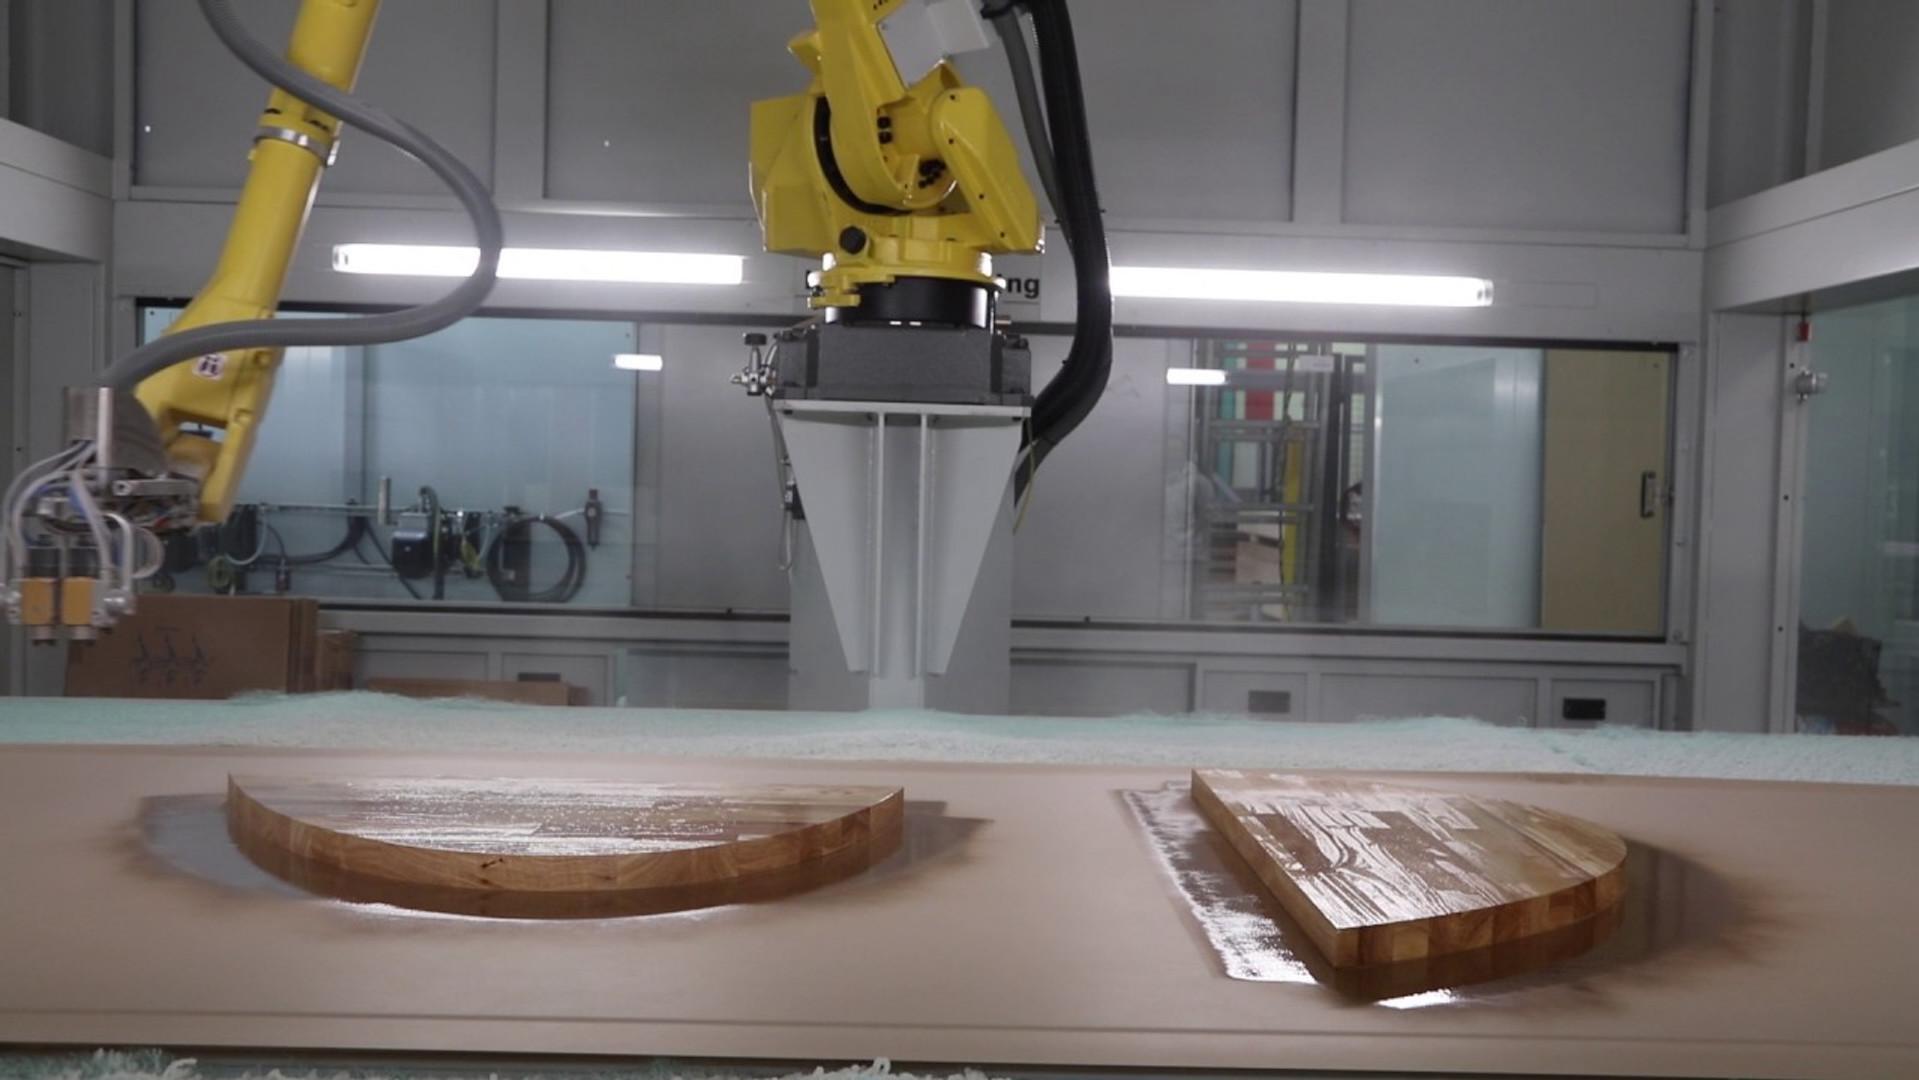 Varnishing robot